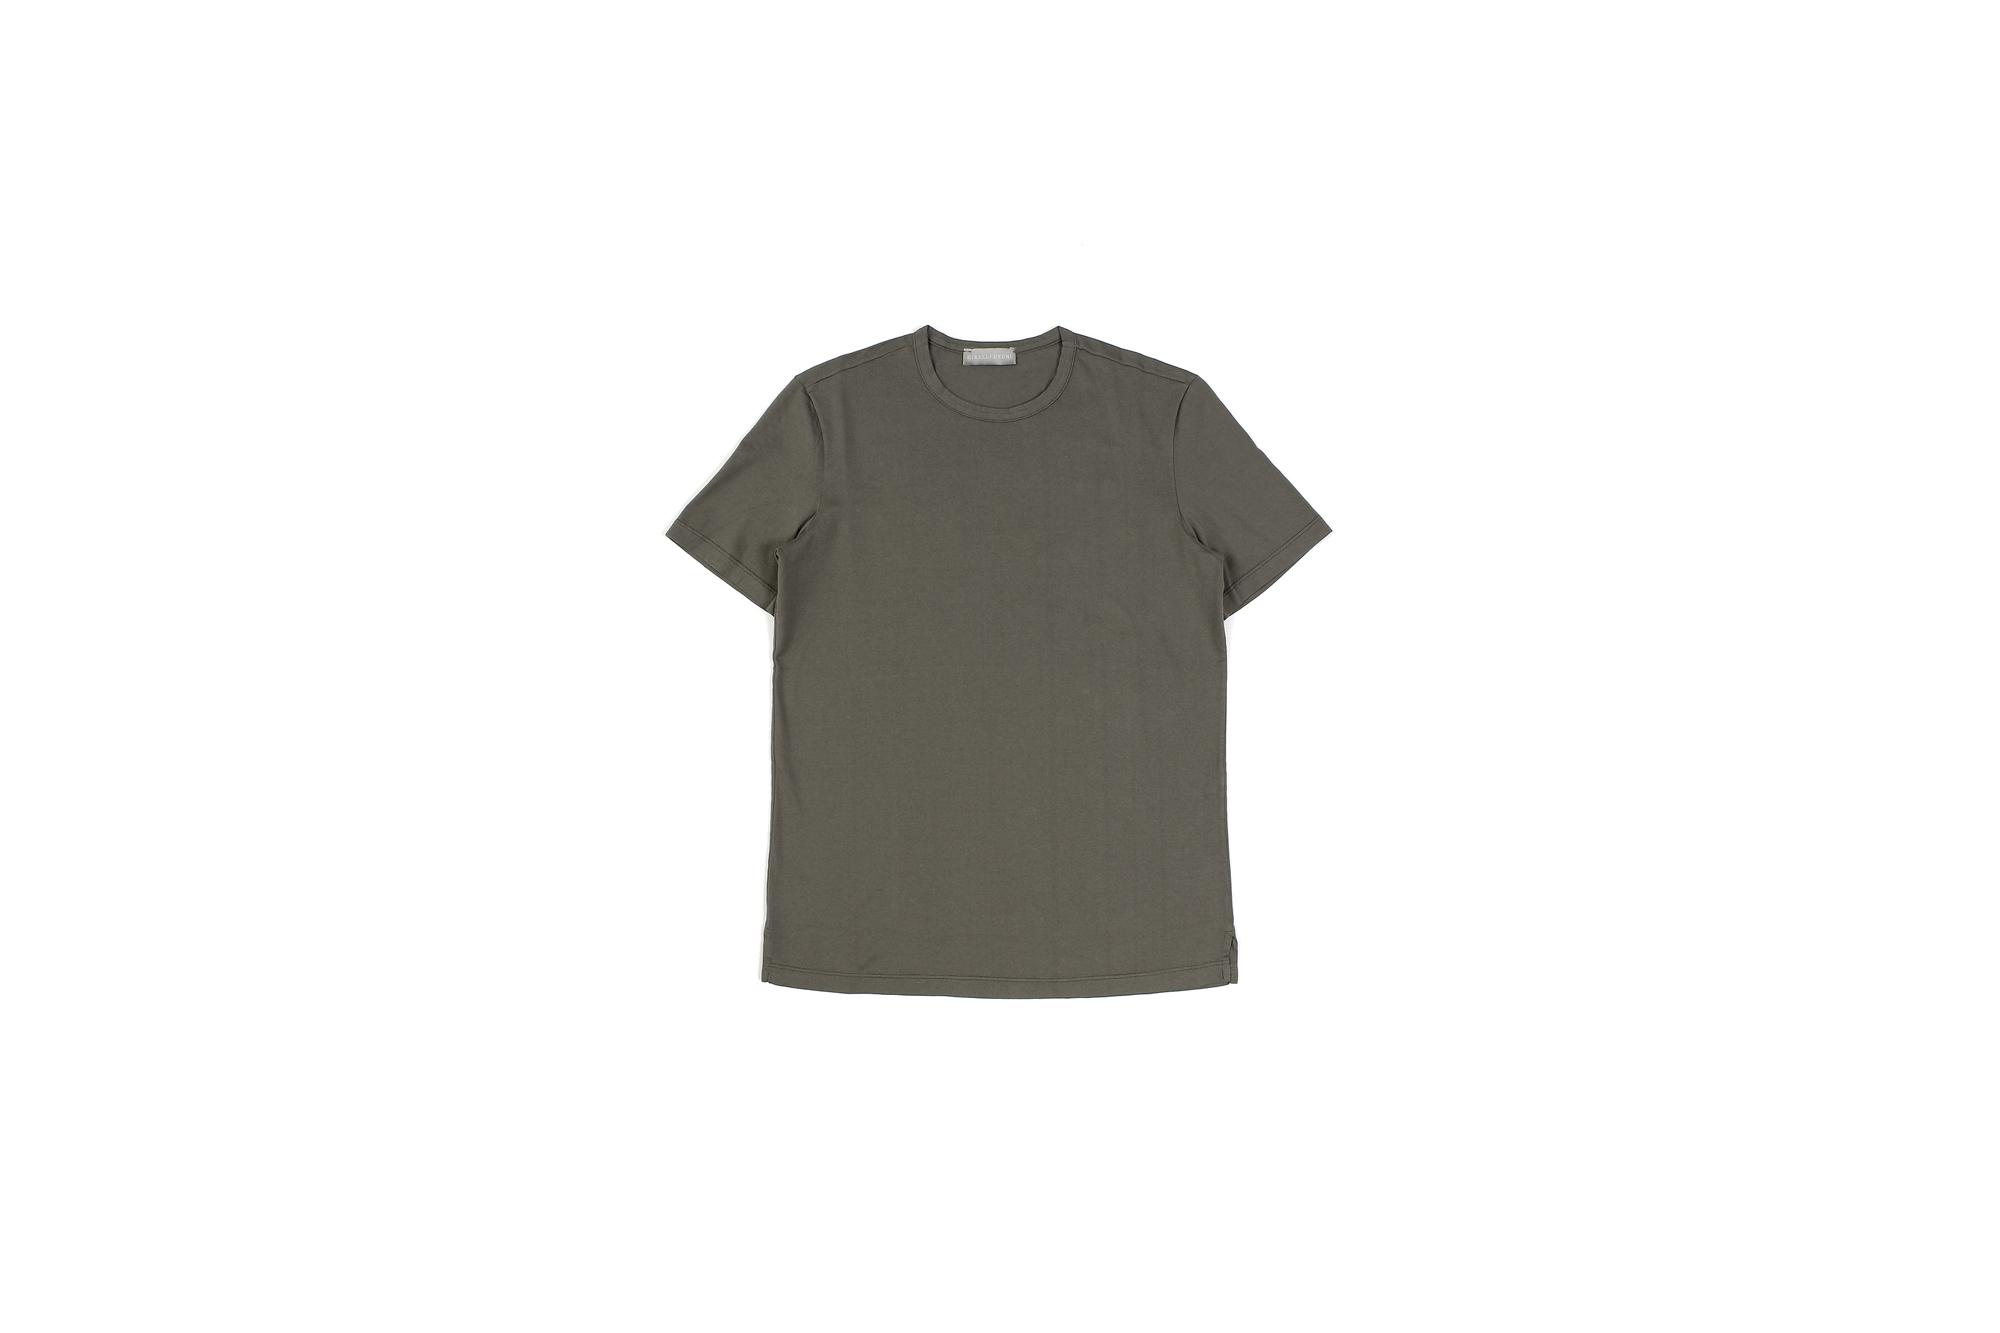 Girelli Bruni (ジレリブルーニ) Crew Neck T-shirt (クルーネック Tシャツ) GIZA 60/2 ギザコットン Tシャツ MILITARY (ミリタリー) made in italy (イタリア製) 2020秋冬新作  【入荷しました】【フリー分発売開始】 girellibruni 愛知 名古屋 altoediritto アルトエデリット alto e diritto